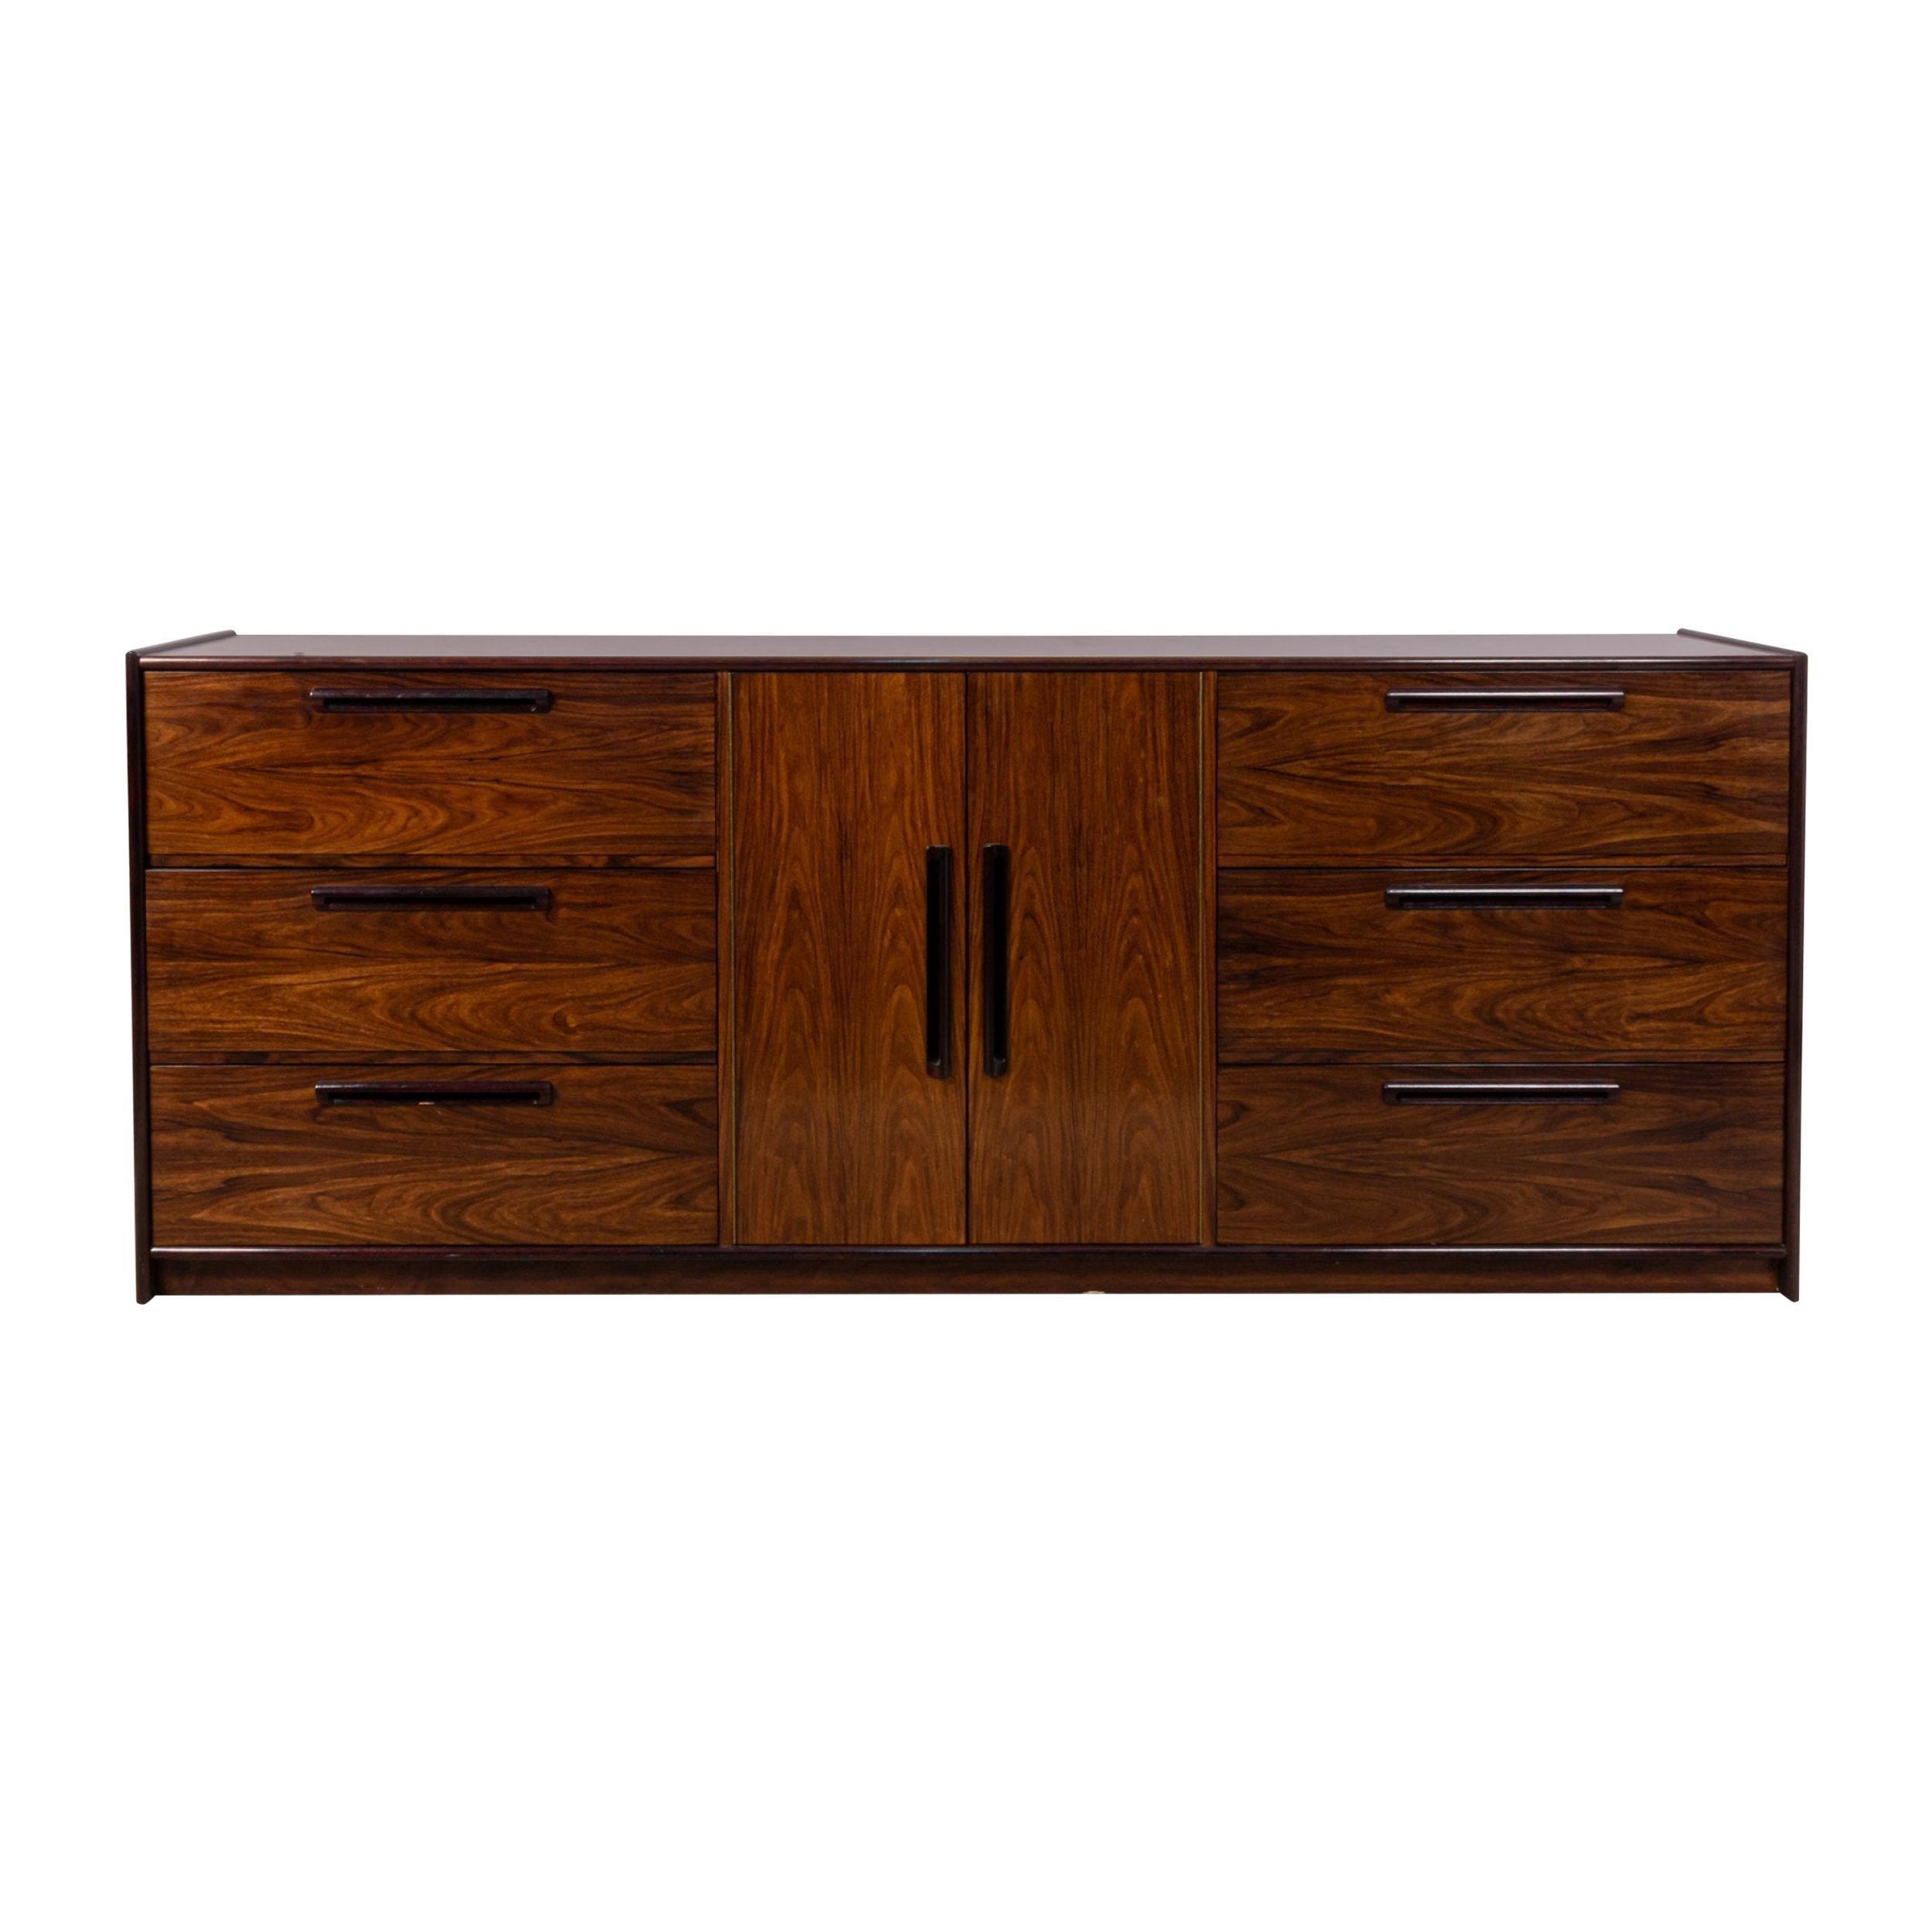 Westnofa Scandinavian Midcentury Dresser